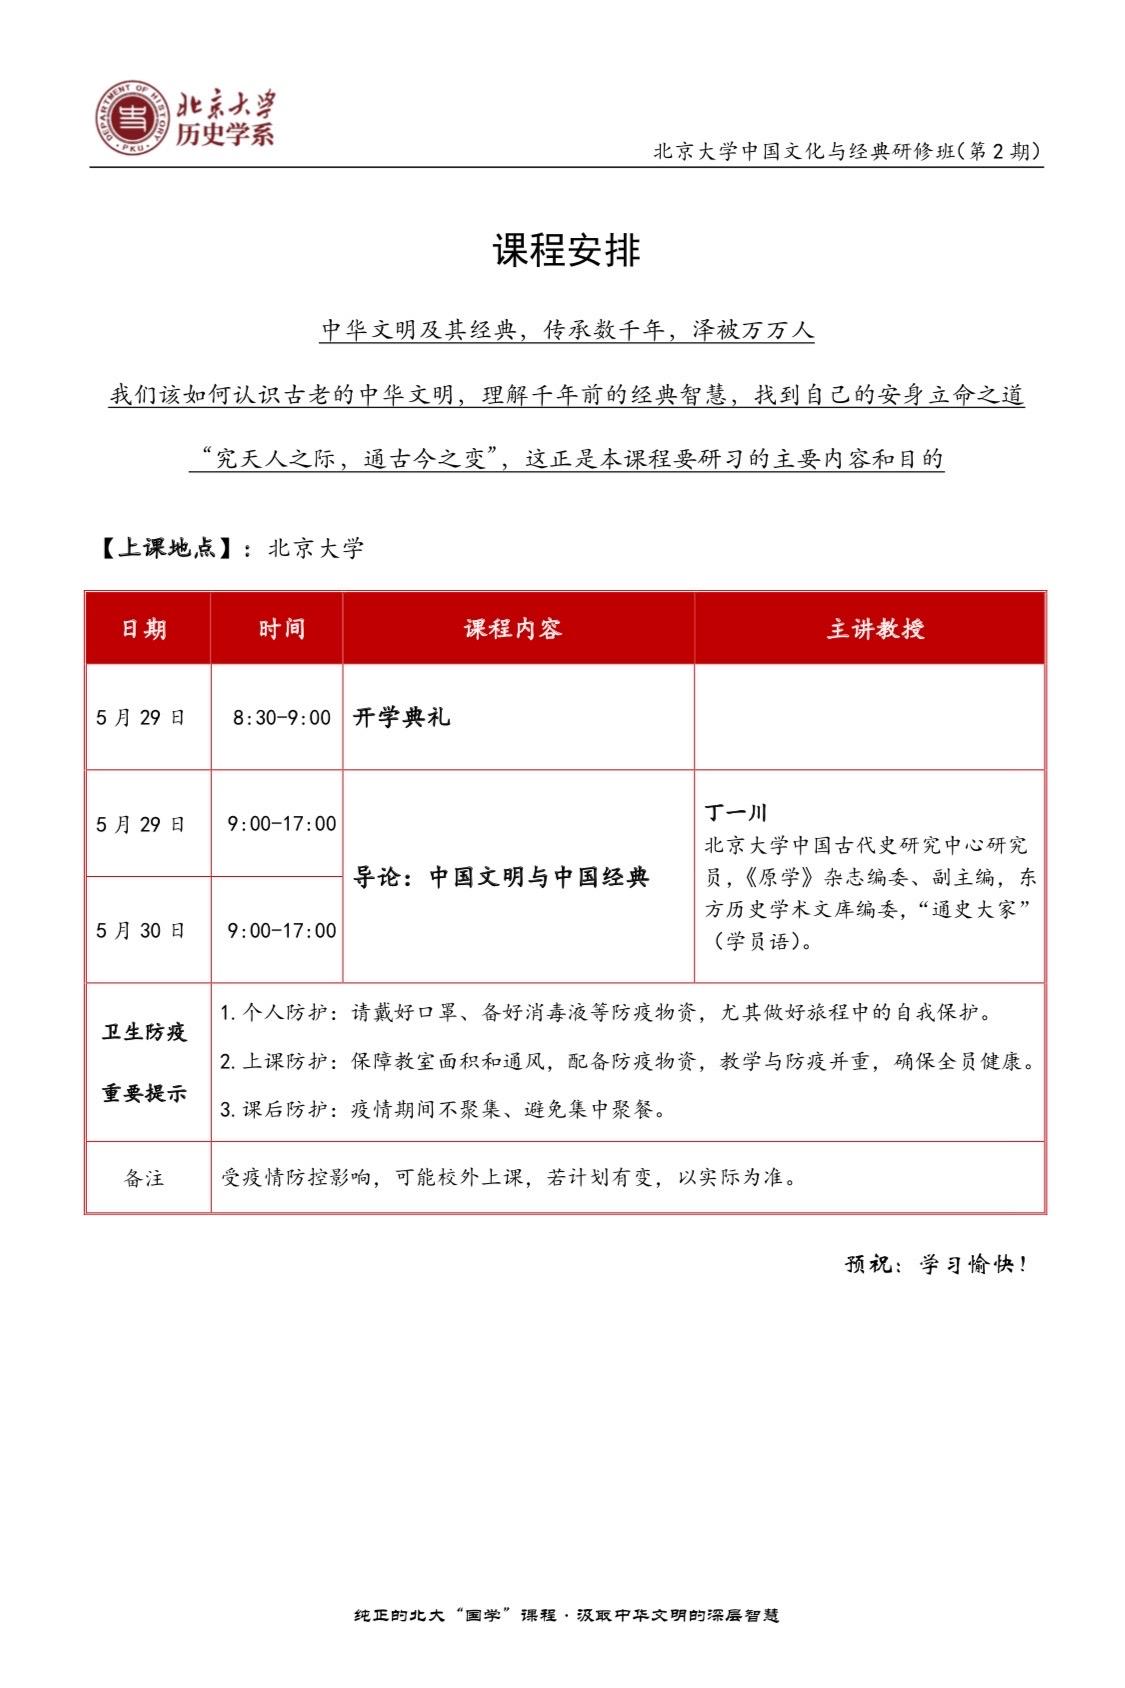 北京大学历史研修班5月29—30日开课通知